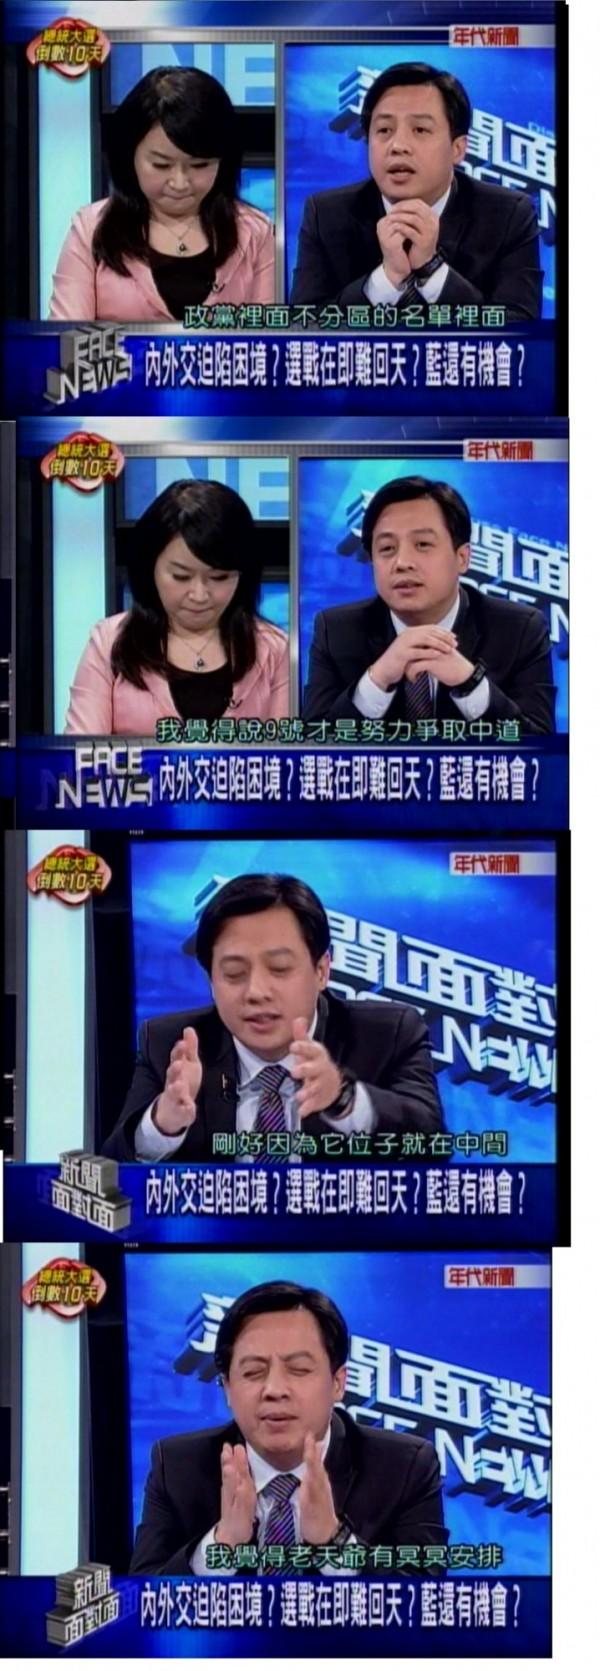 李明賢表示,不分區政黨票有18個,而9號(國民黨)是努力爭取中道,「剛好因為它的位子就在中間」。(圖擷取自年代新聞)